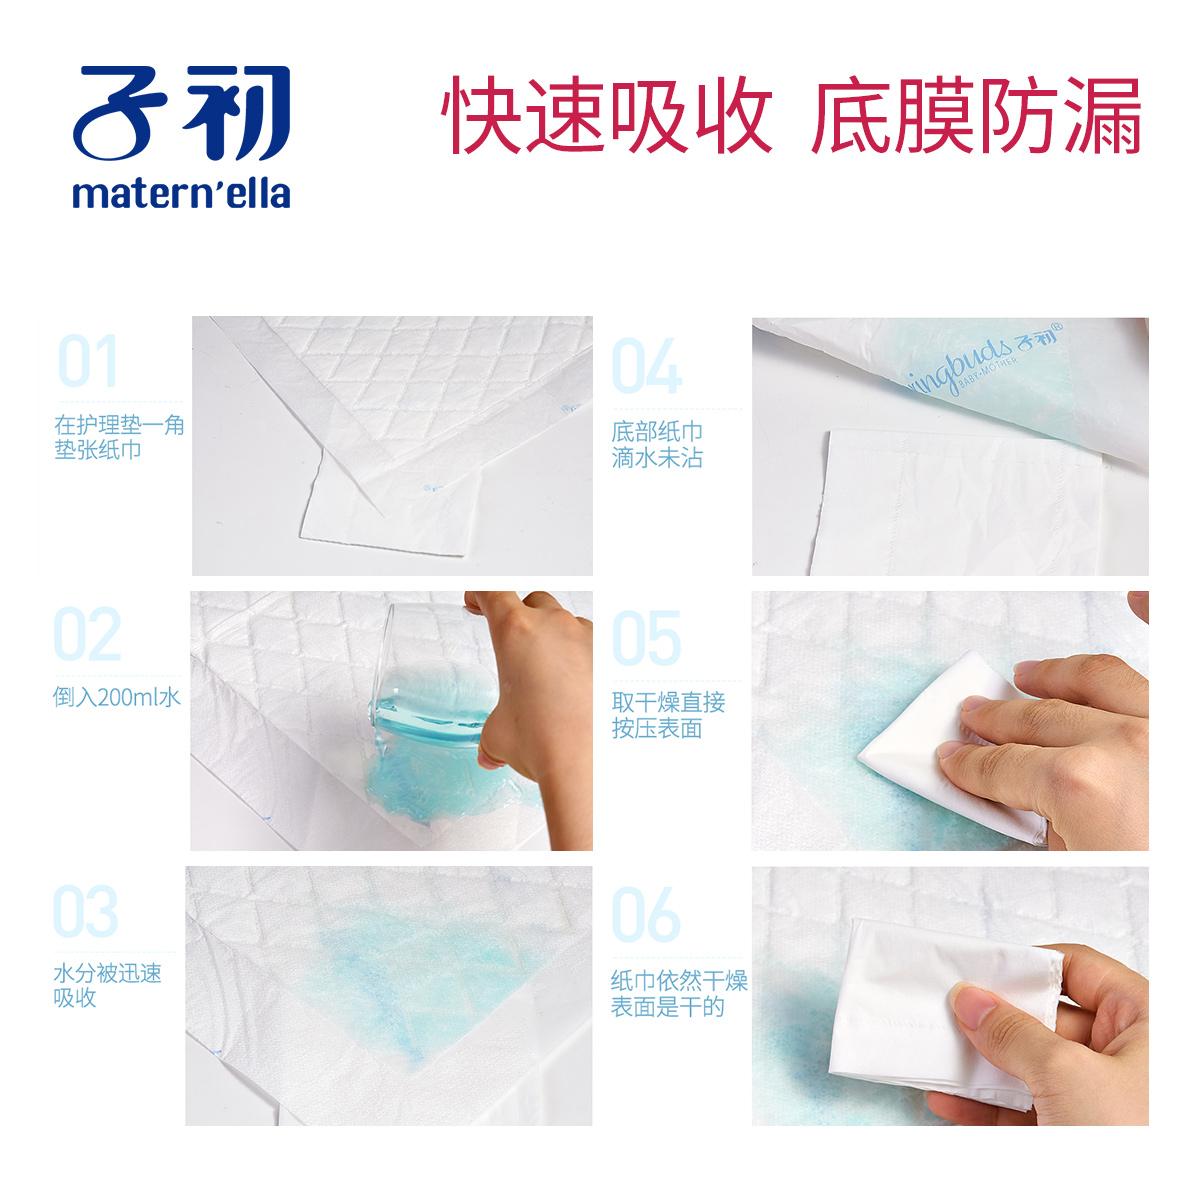 子初产妇产褥期护理垫一次性床单防水成人看护床垫产褥垫60*90cm